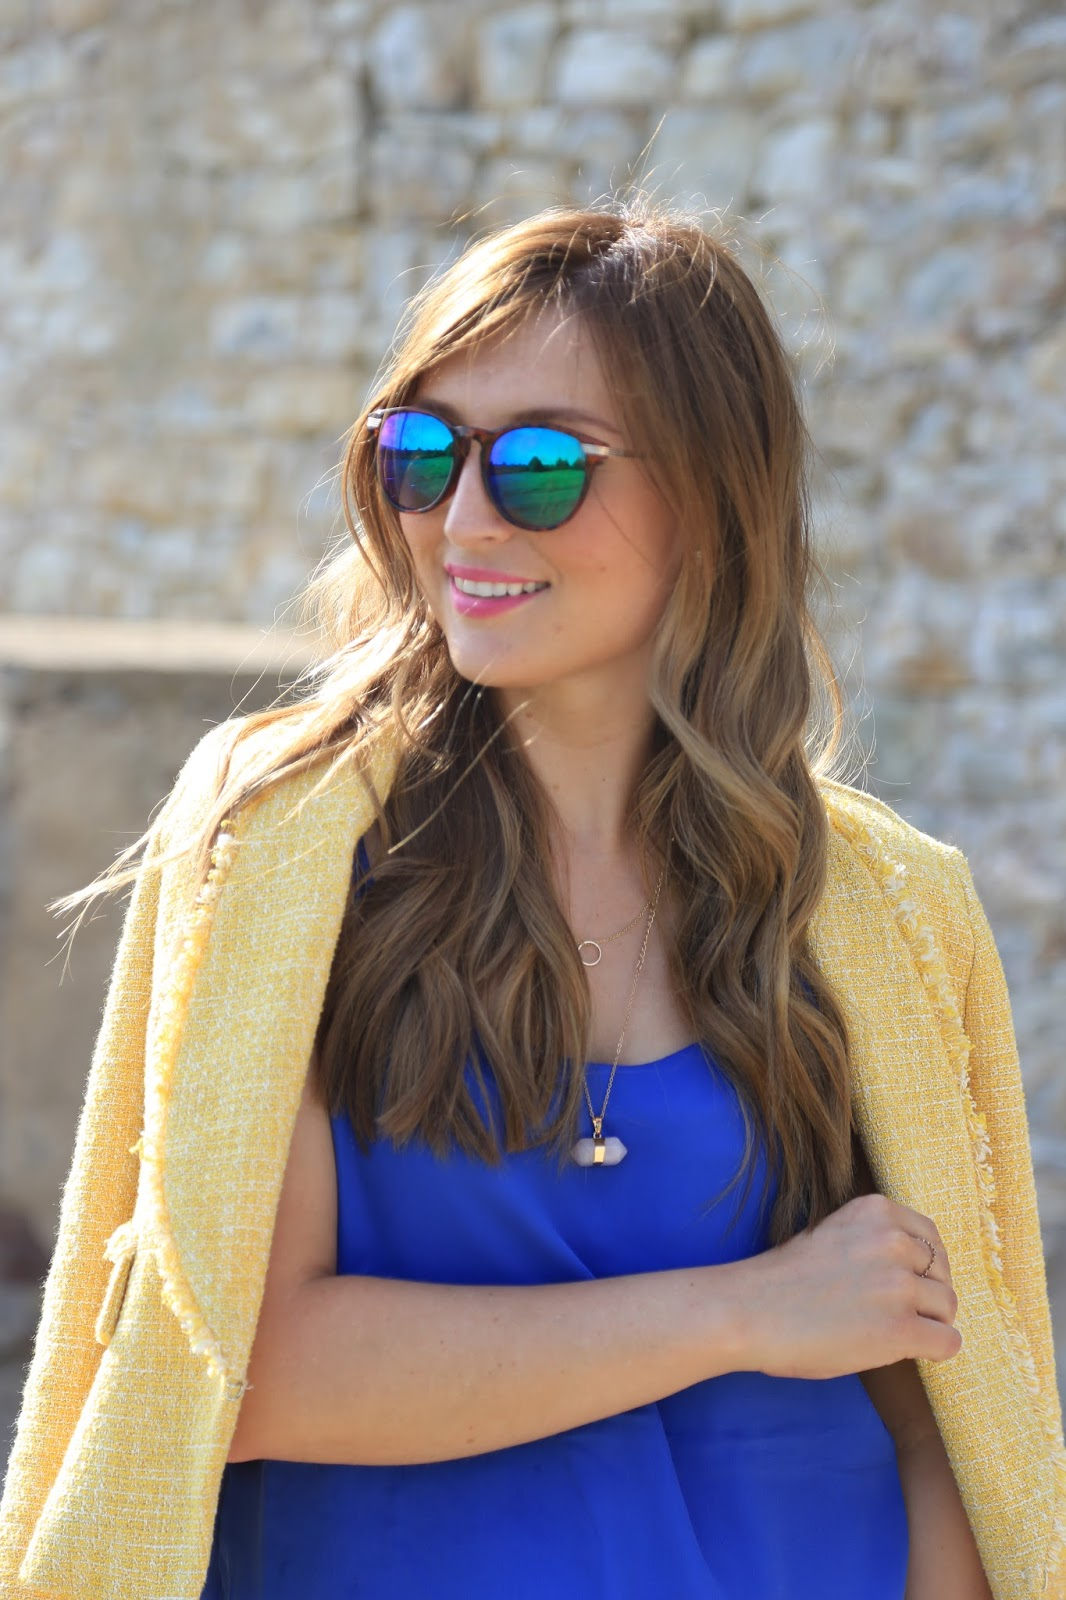 Haarinspiration - Beautyblogger aus Frankfurt - Frankfurt Beautyblogger - Balayage Frisur - verspiegelte Sonnenbrille